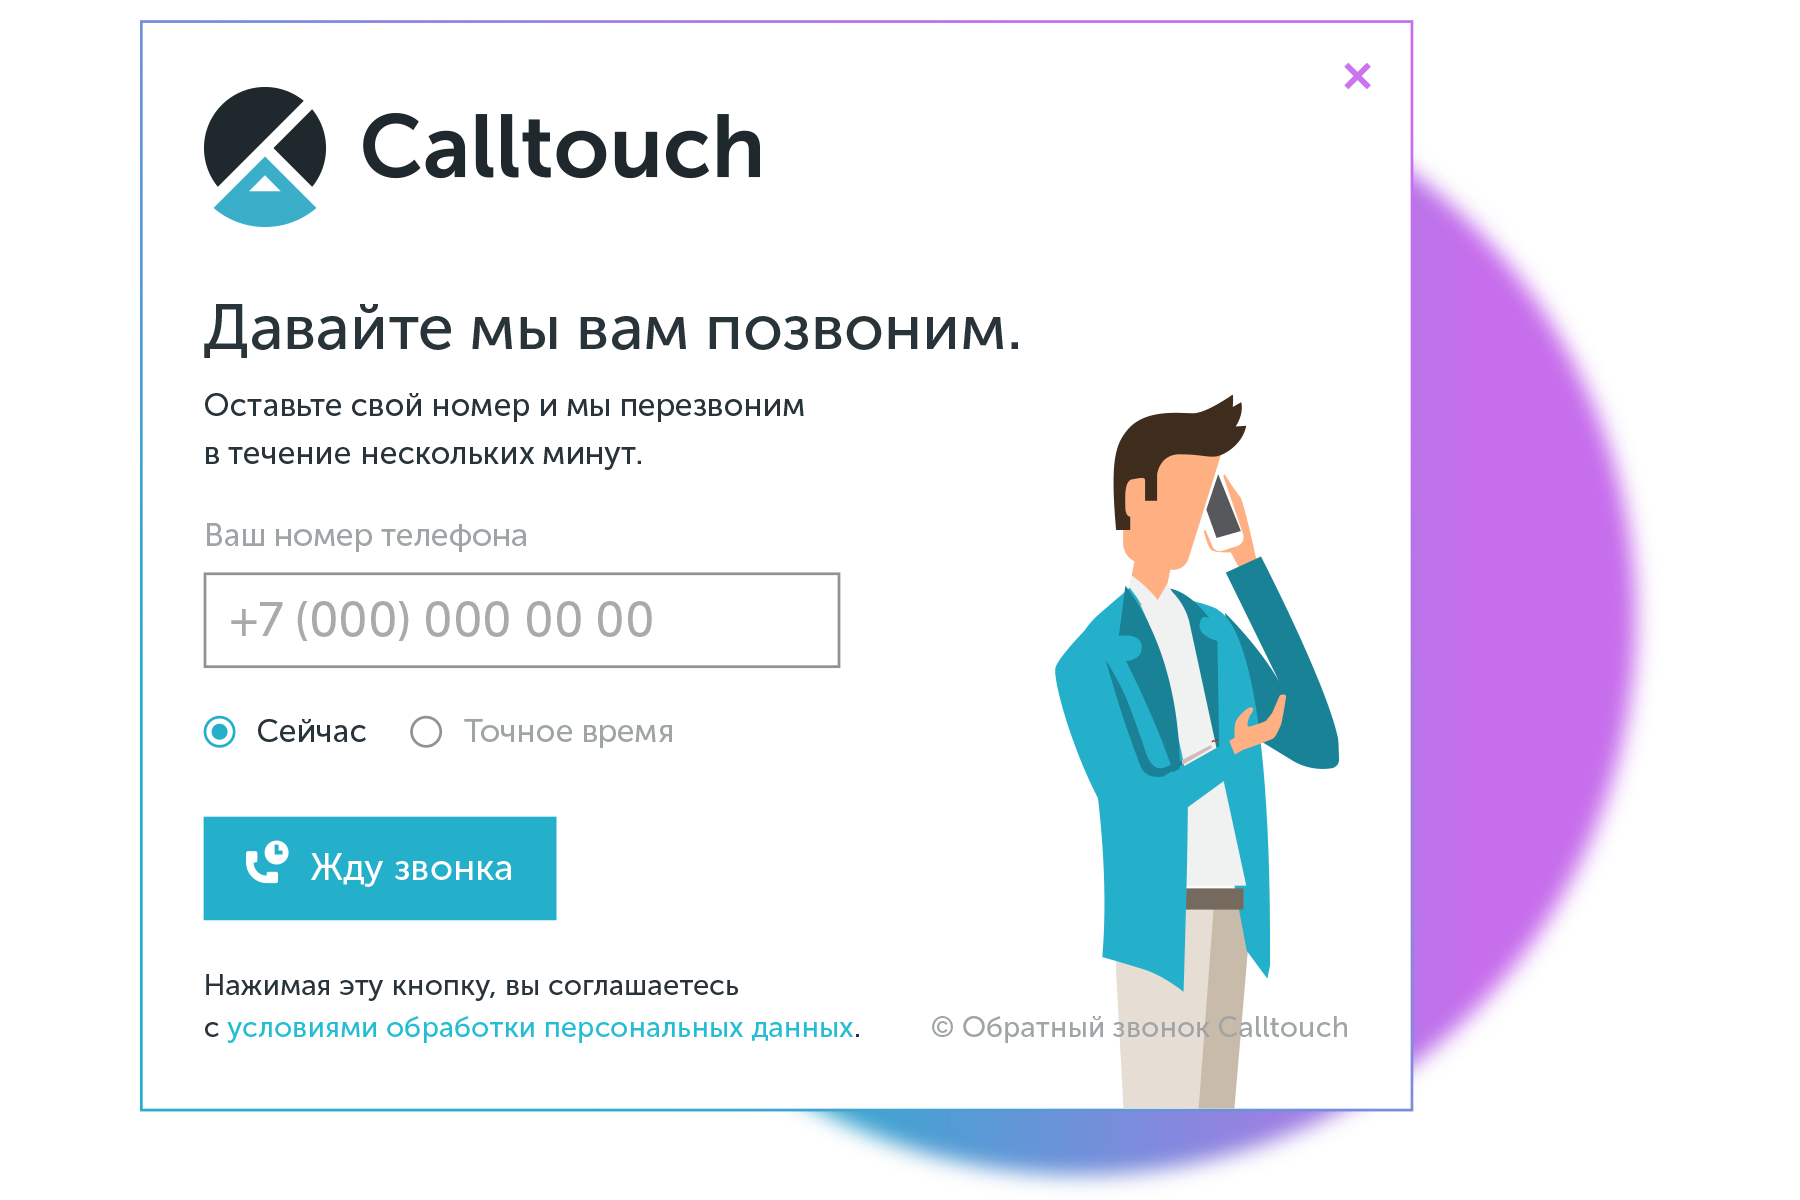 https://blog.calltouch.ru/podmena-nomera-na-sajte